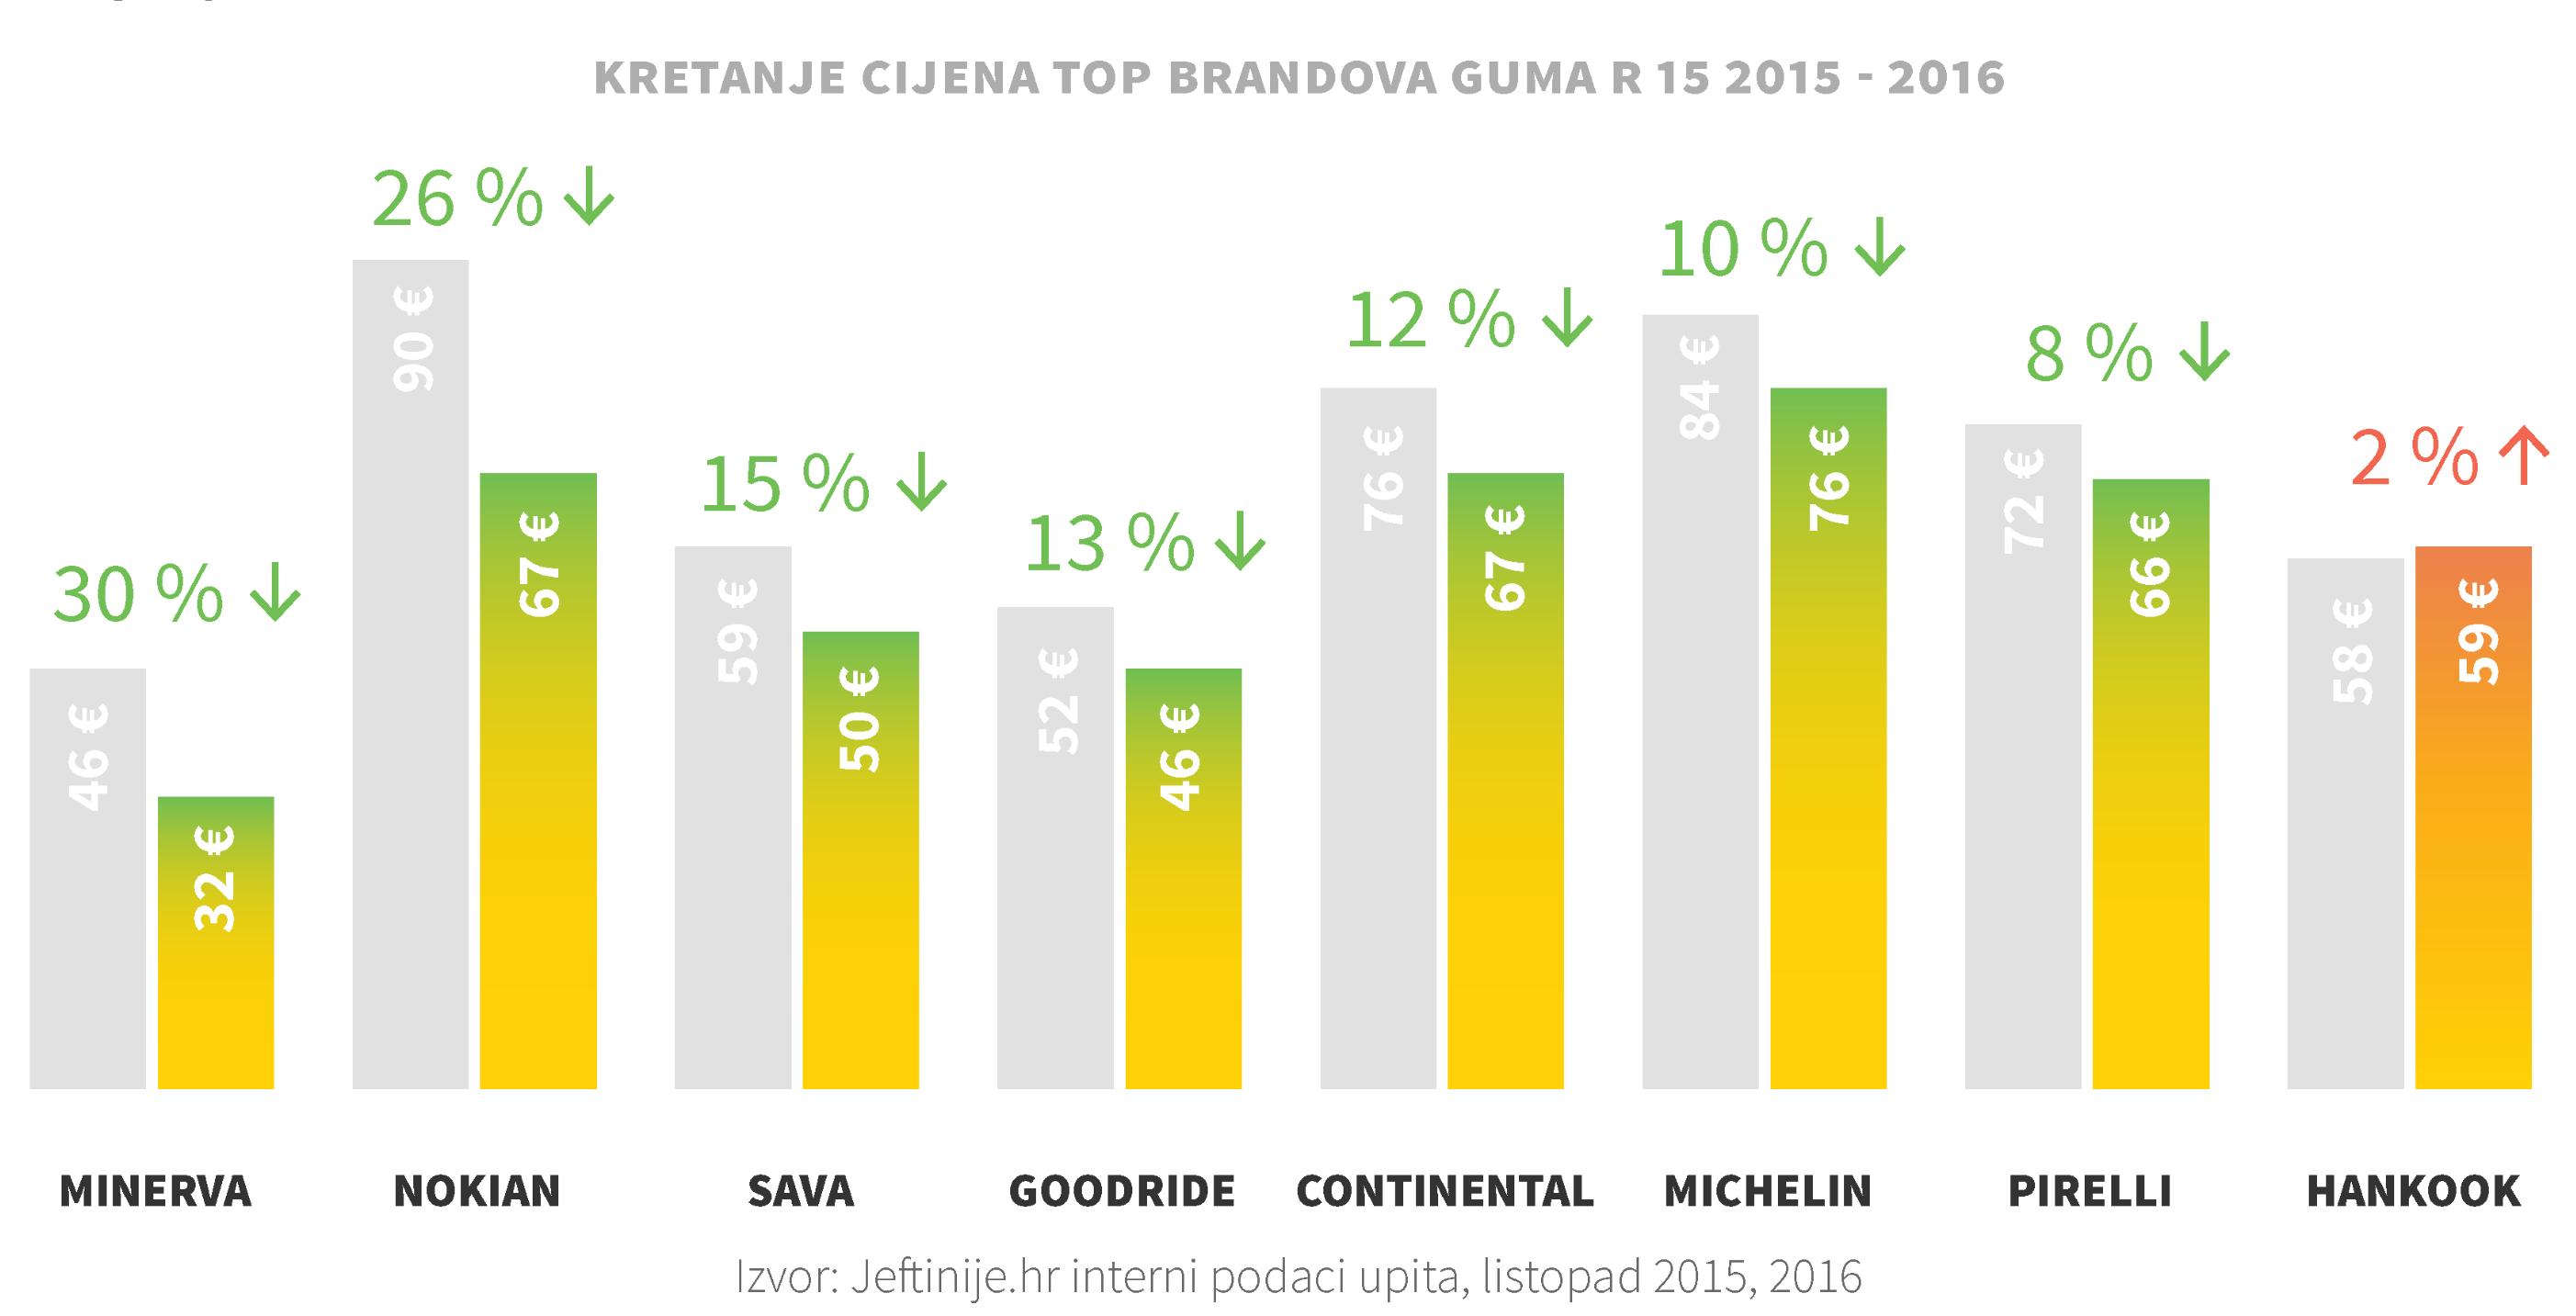 trendkiwi_graf-kretanje-cjena-top-bredova